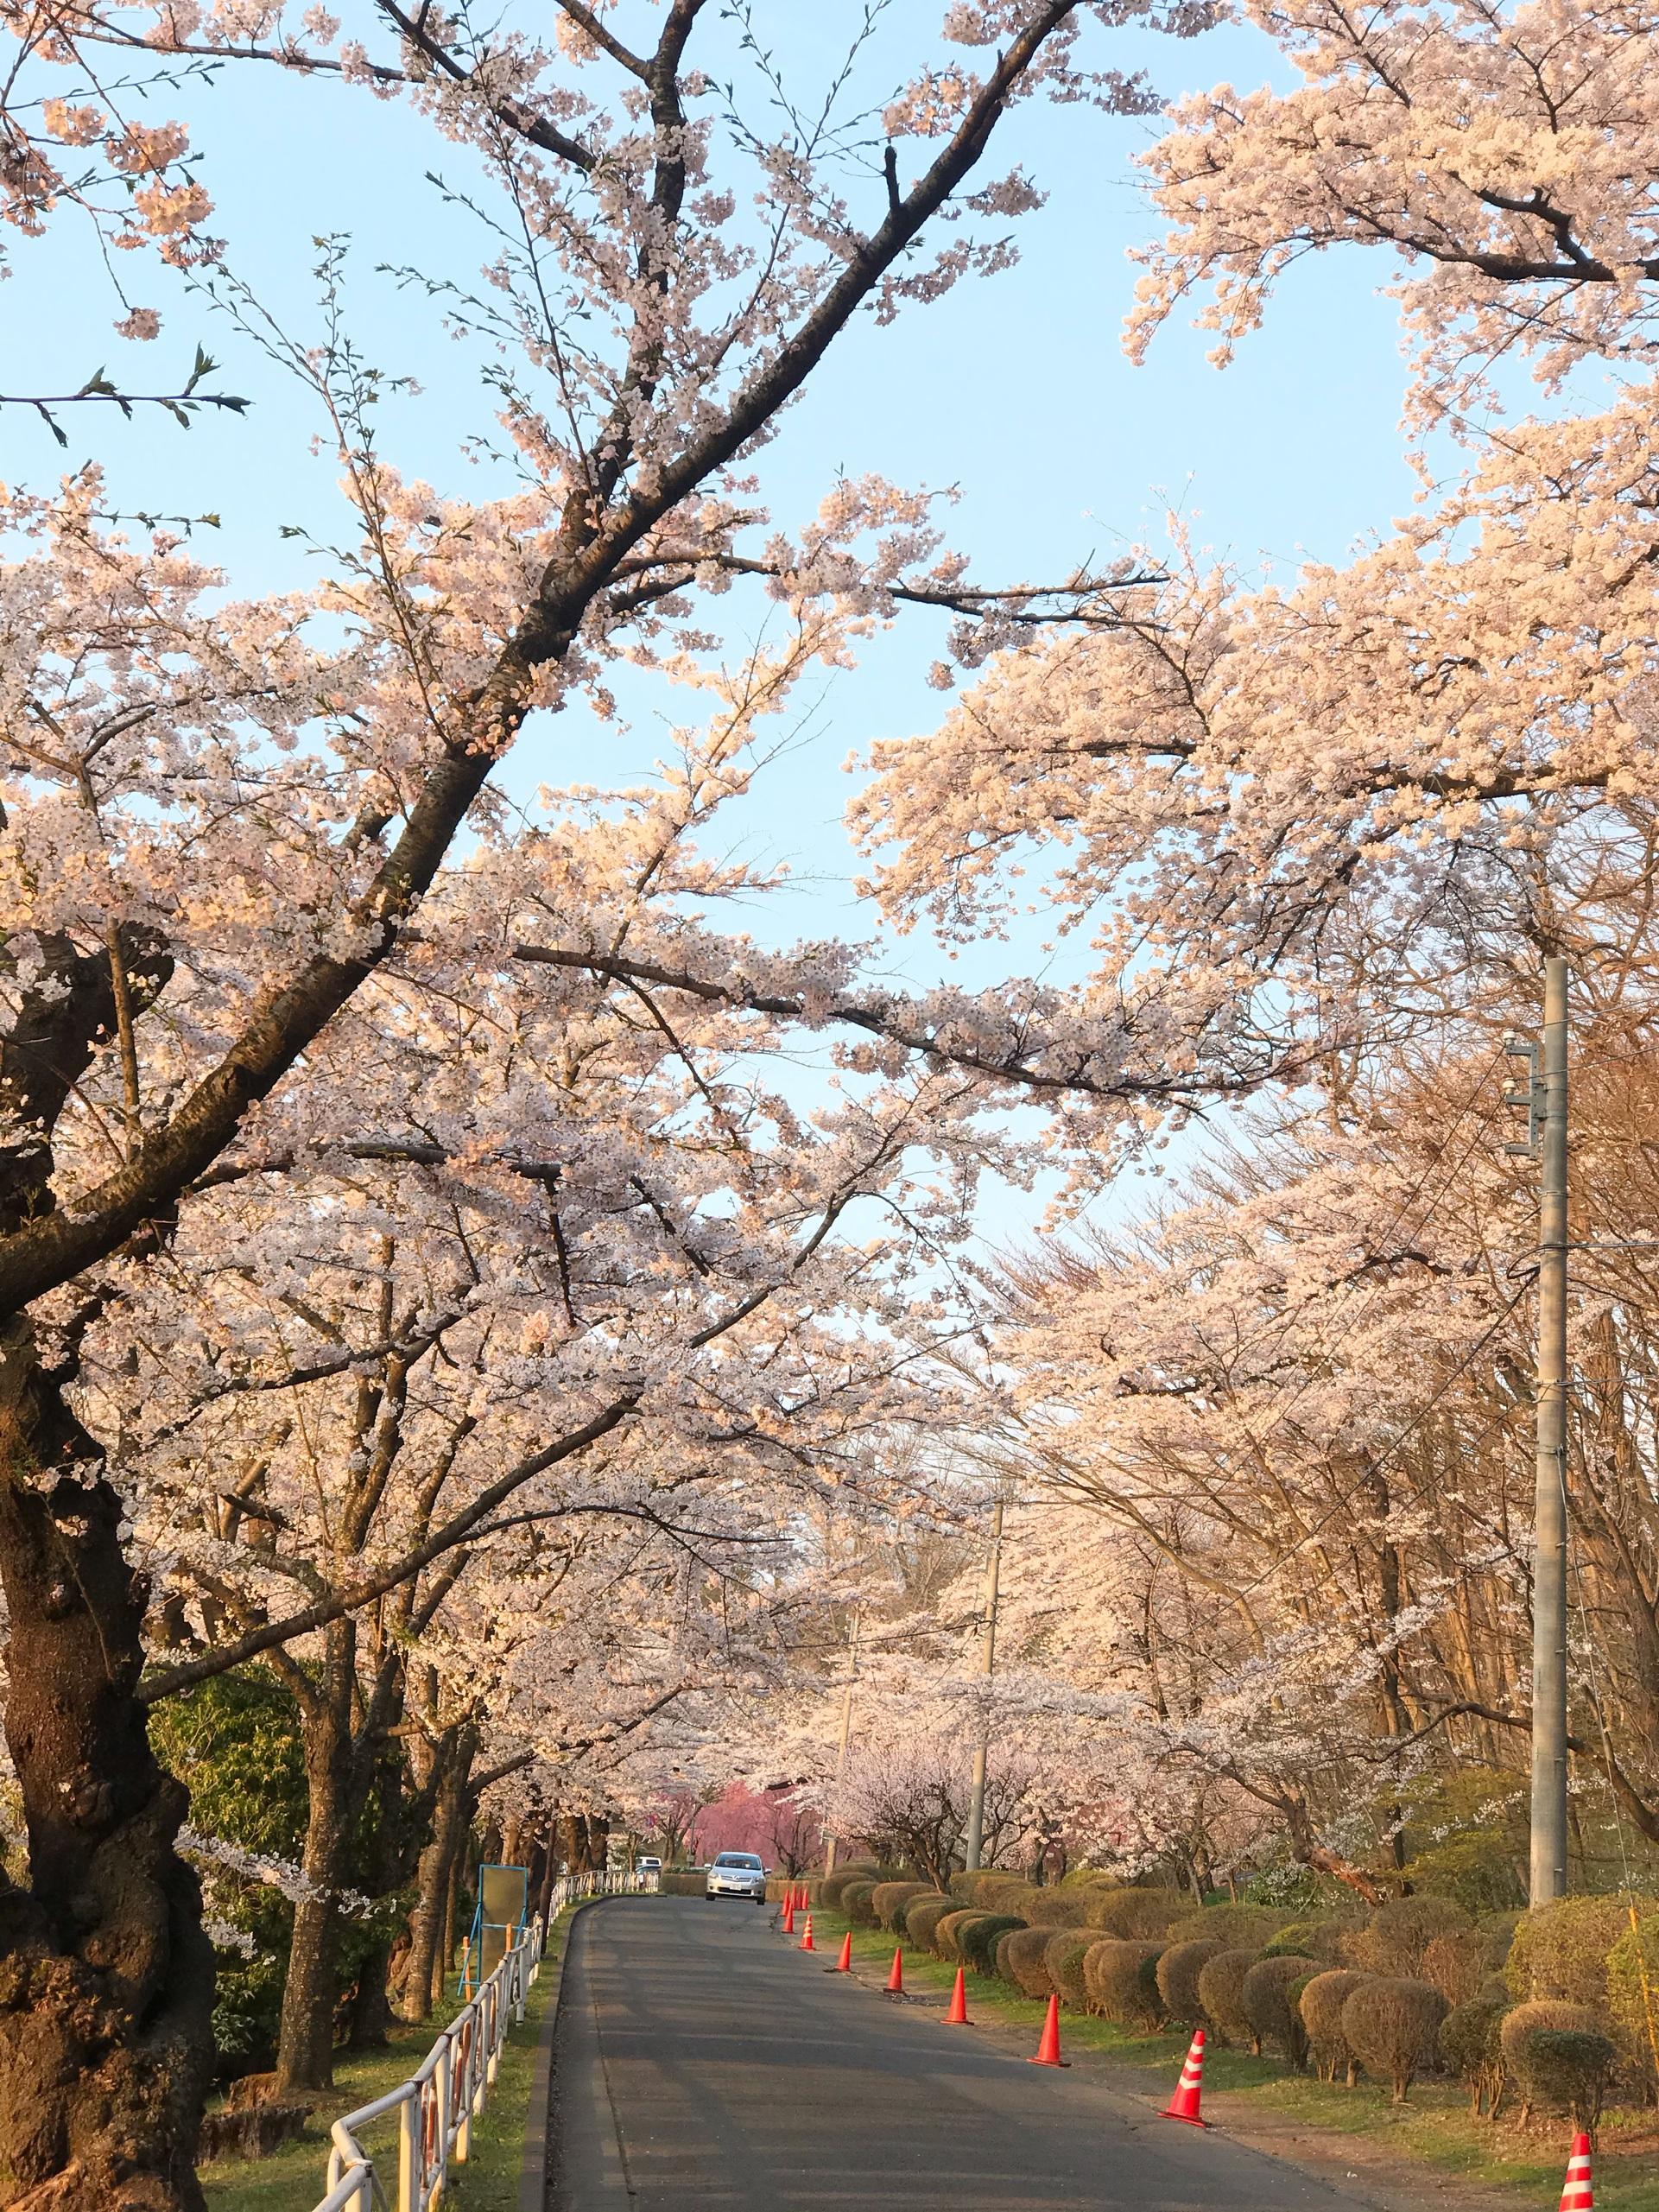 Choáng ngợp cảnh sắc hoa anh đào khoe sắc tuyệt đẹp như cổ tích ở Nhật Bản - 9